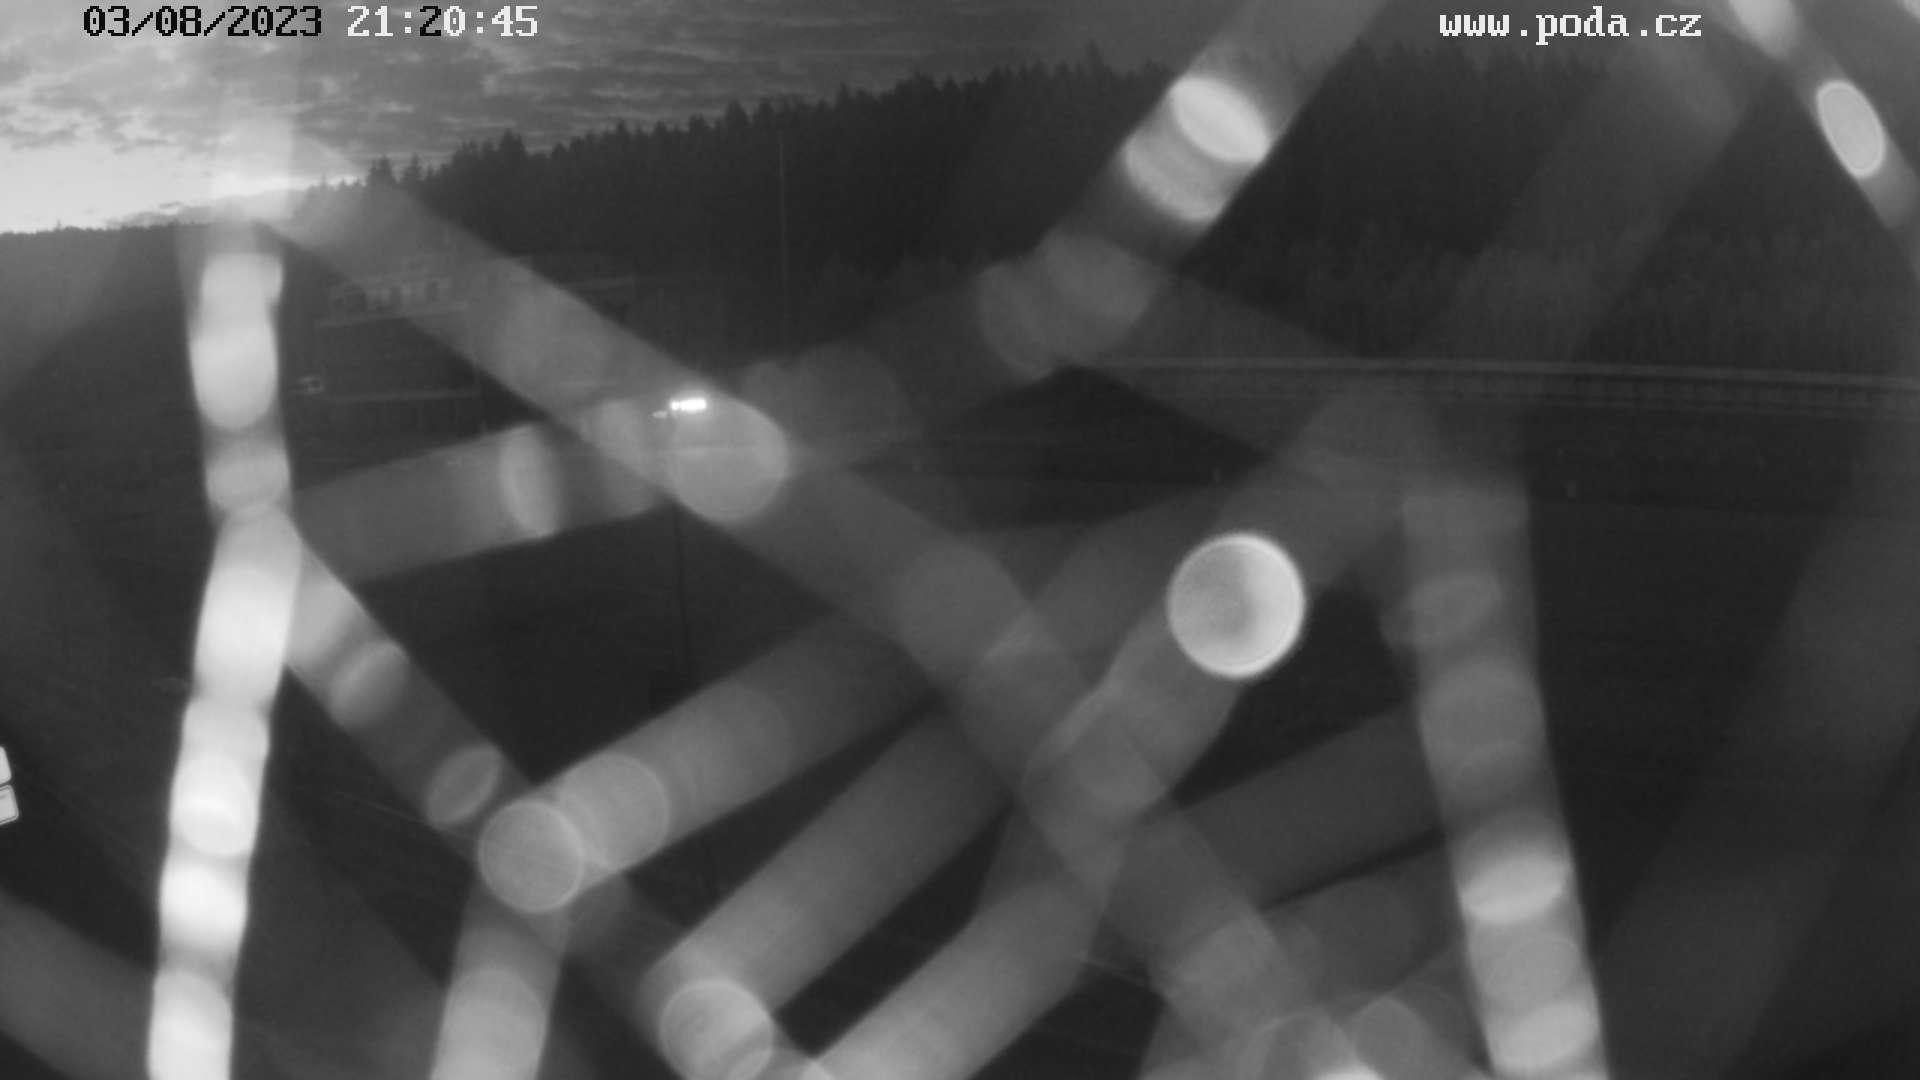 Webcam Nové Město na Moravě - stadion